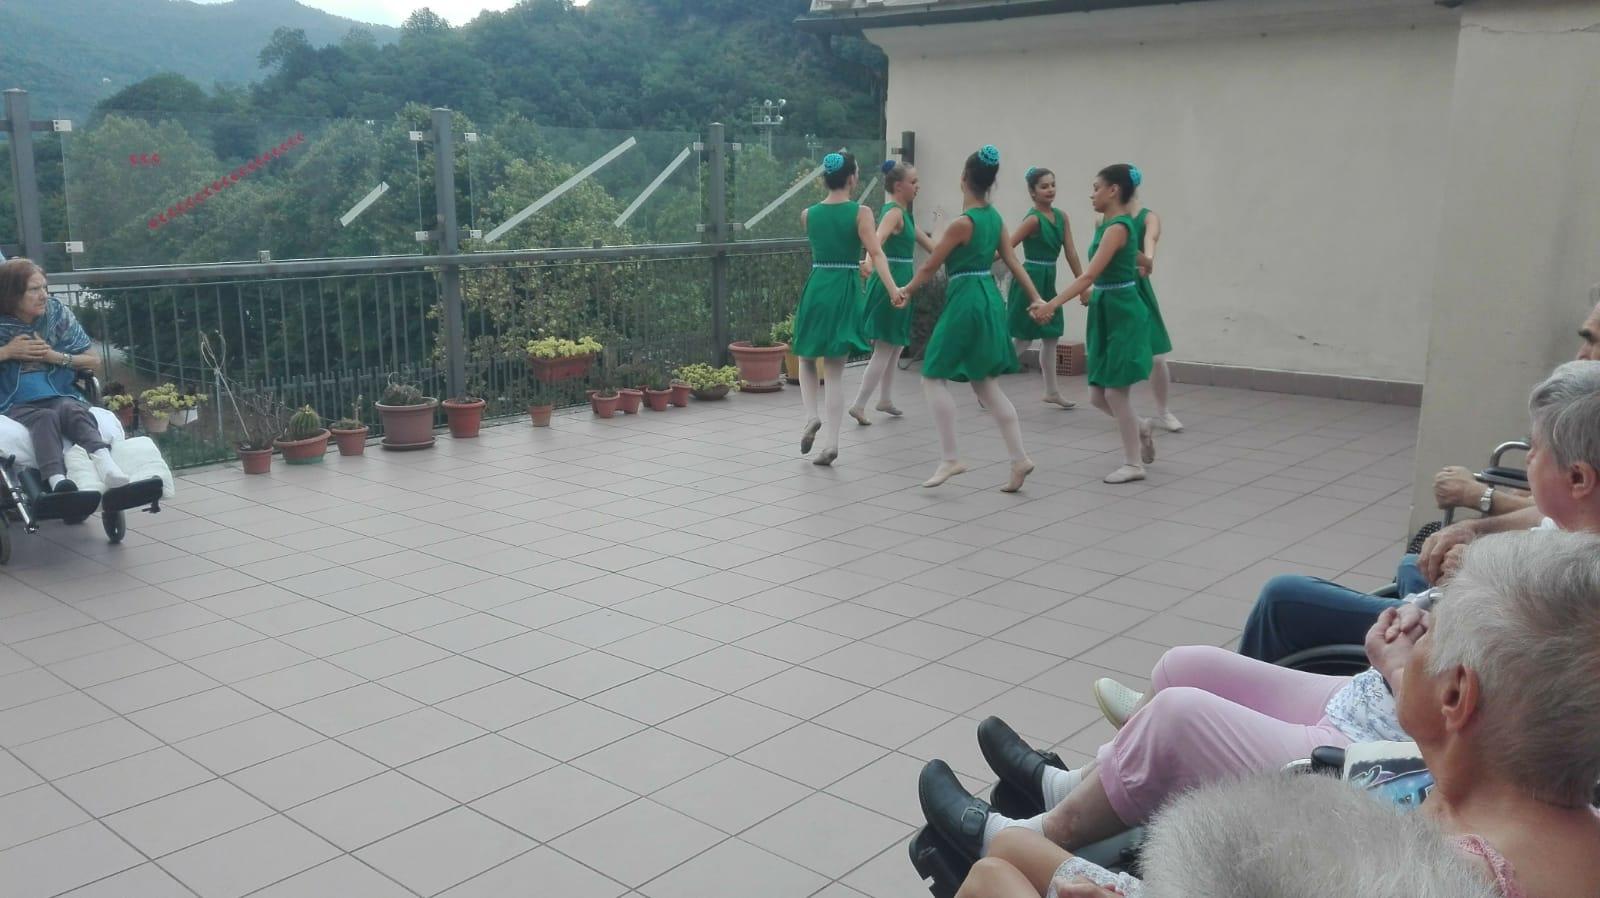 Danza Residenza Sanitaria Assistenziale Santuario - Opere Sociali Servizi Savona